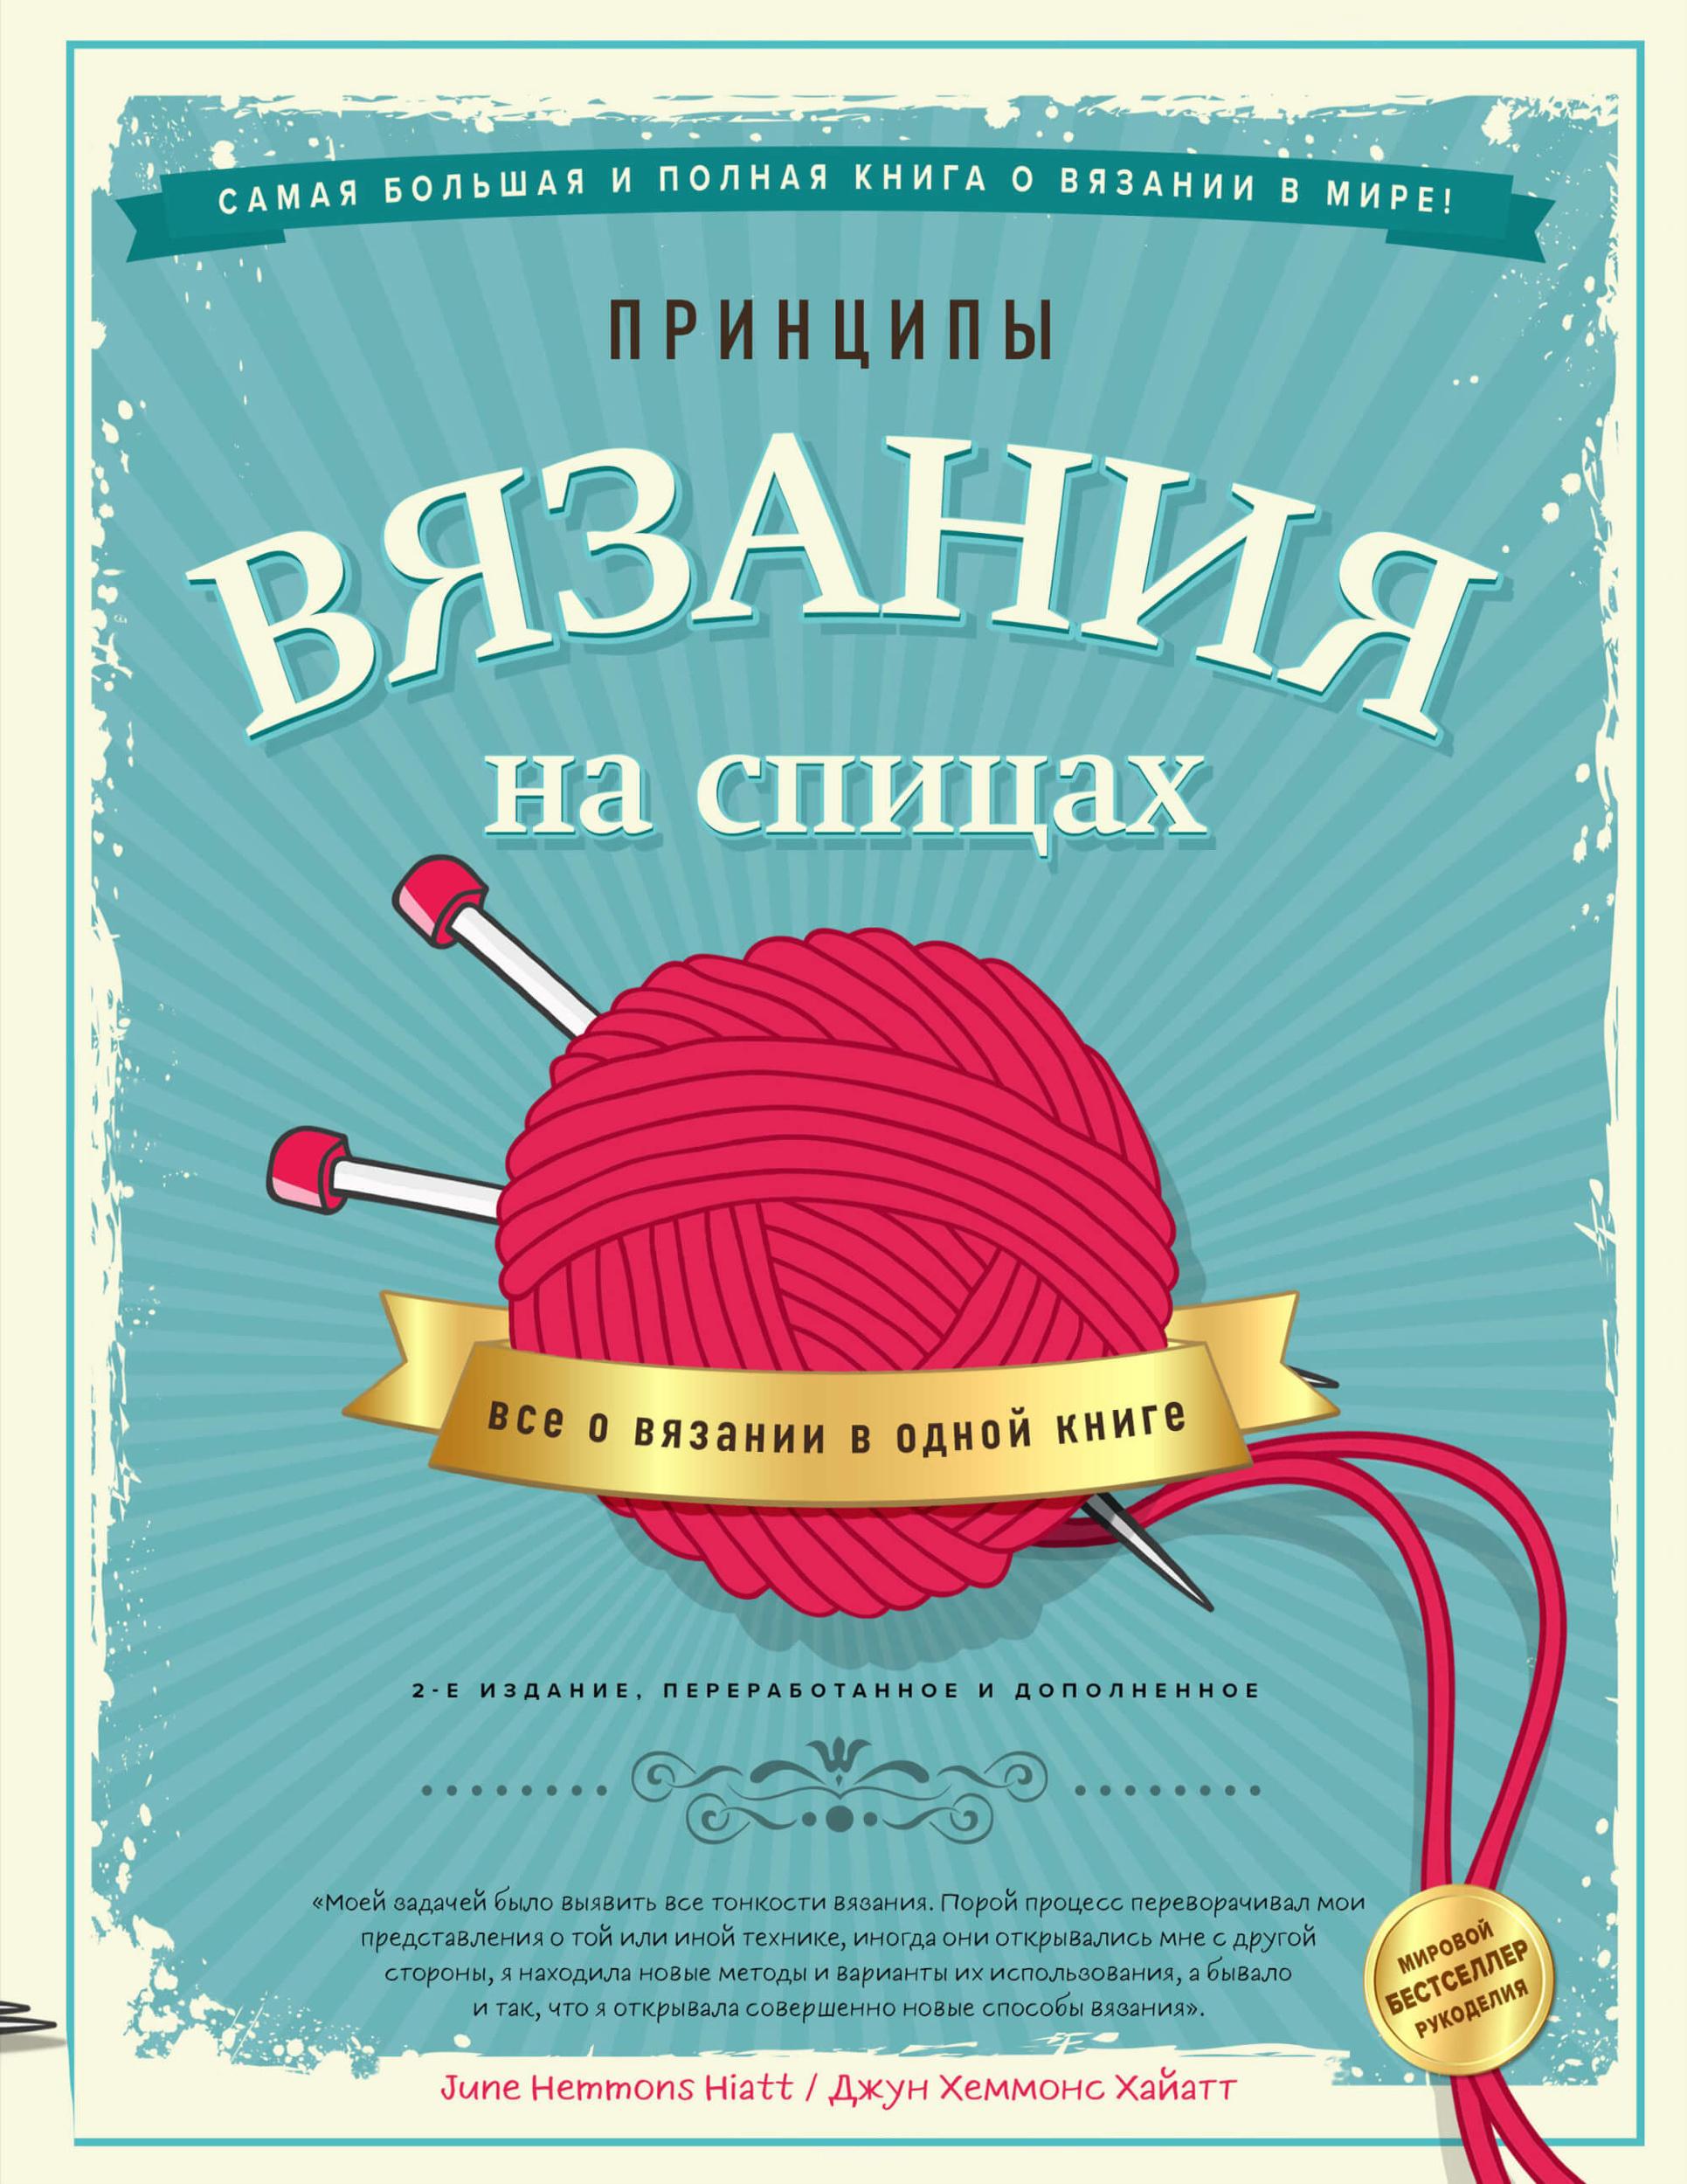 Принципы вязания на спицах. Всё о вязании в одной книге